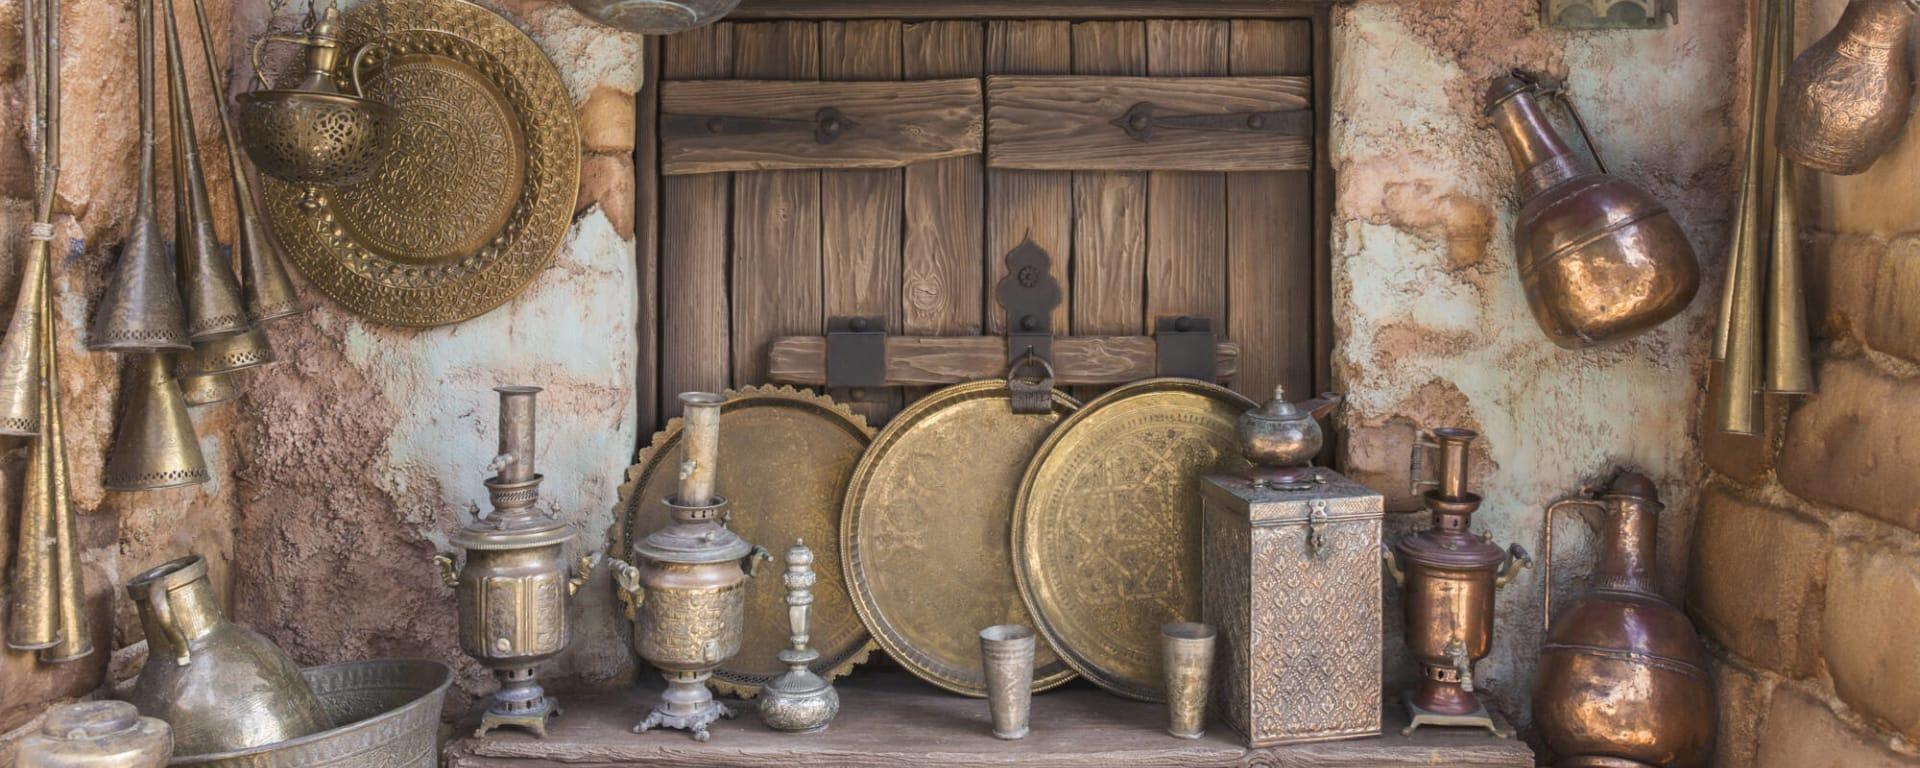 Qatar entdecken mit Tischler Reisen: Qatar Tradition Arabische Kupferwaren